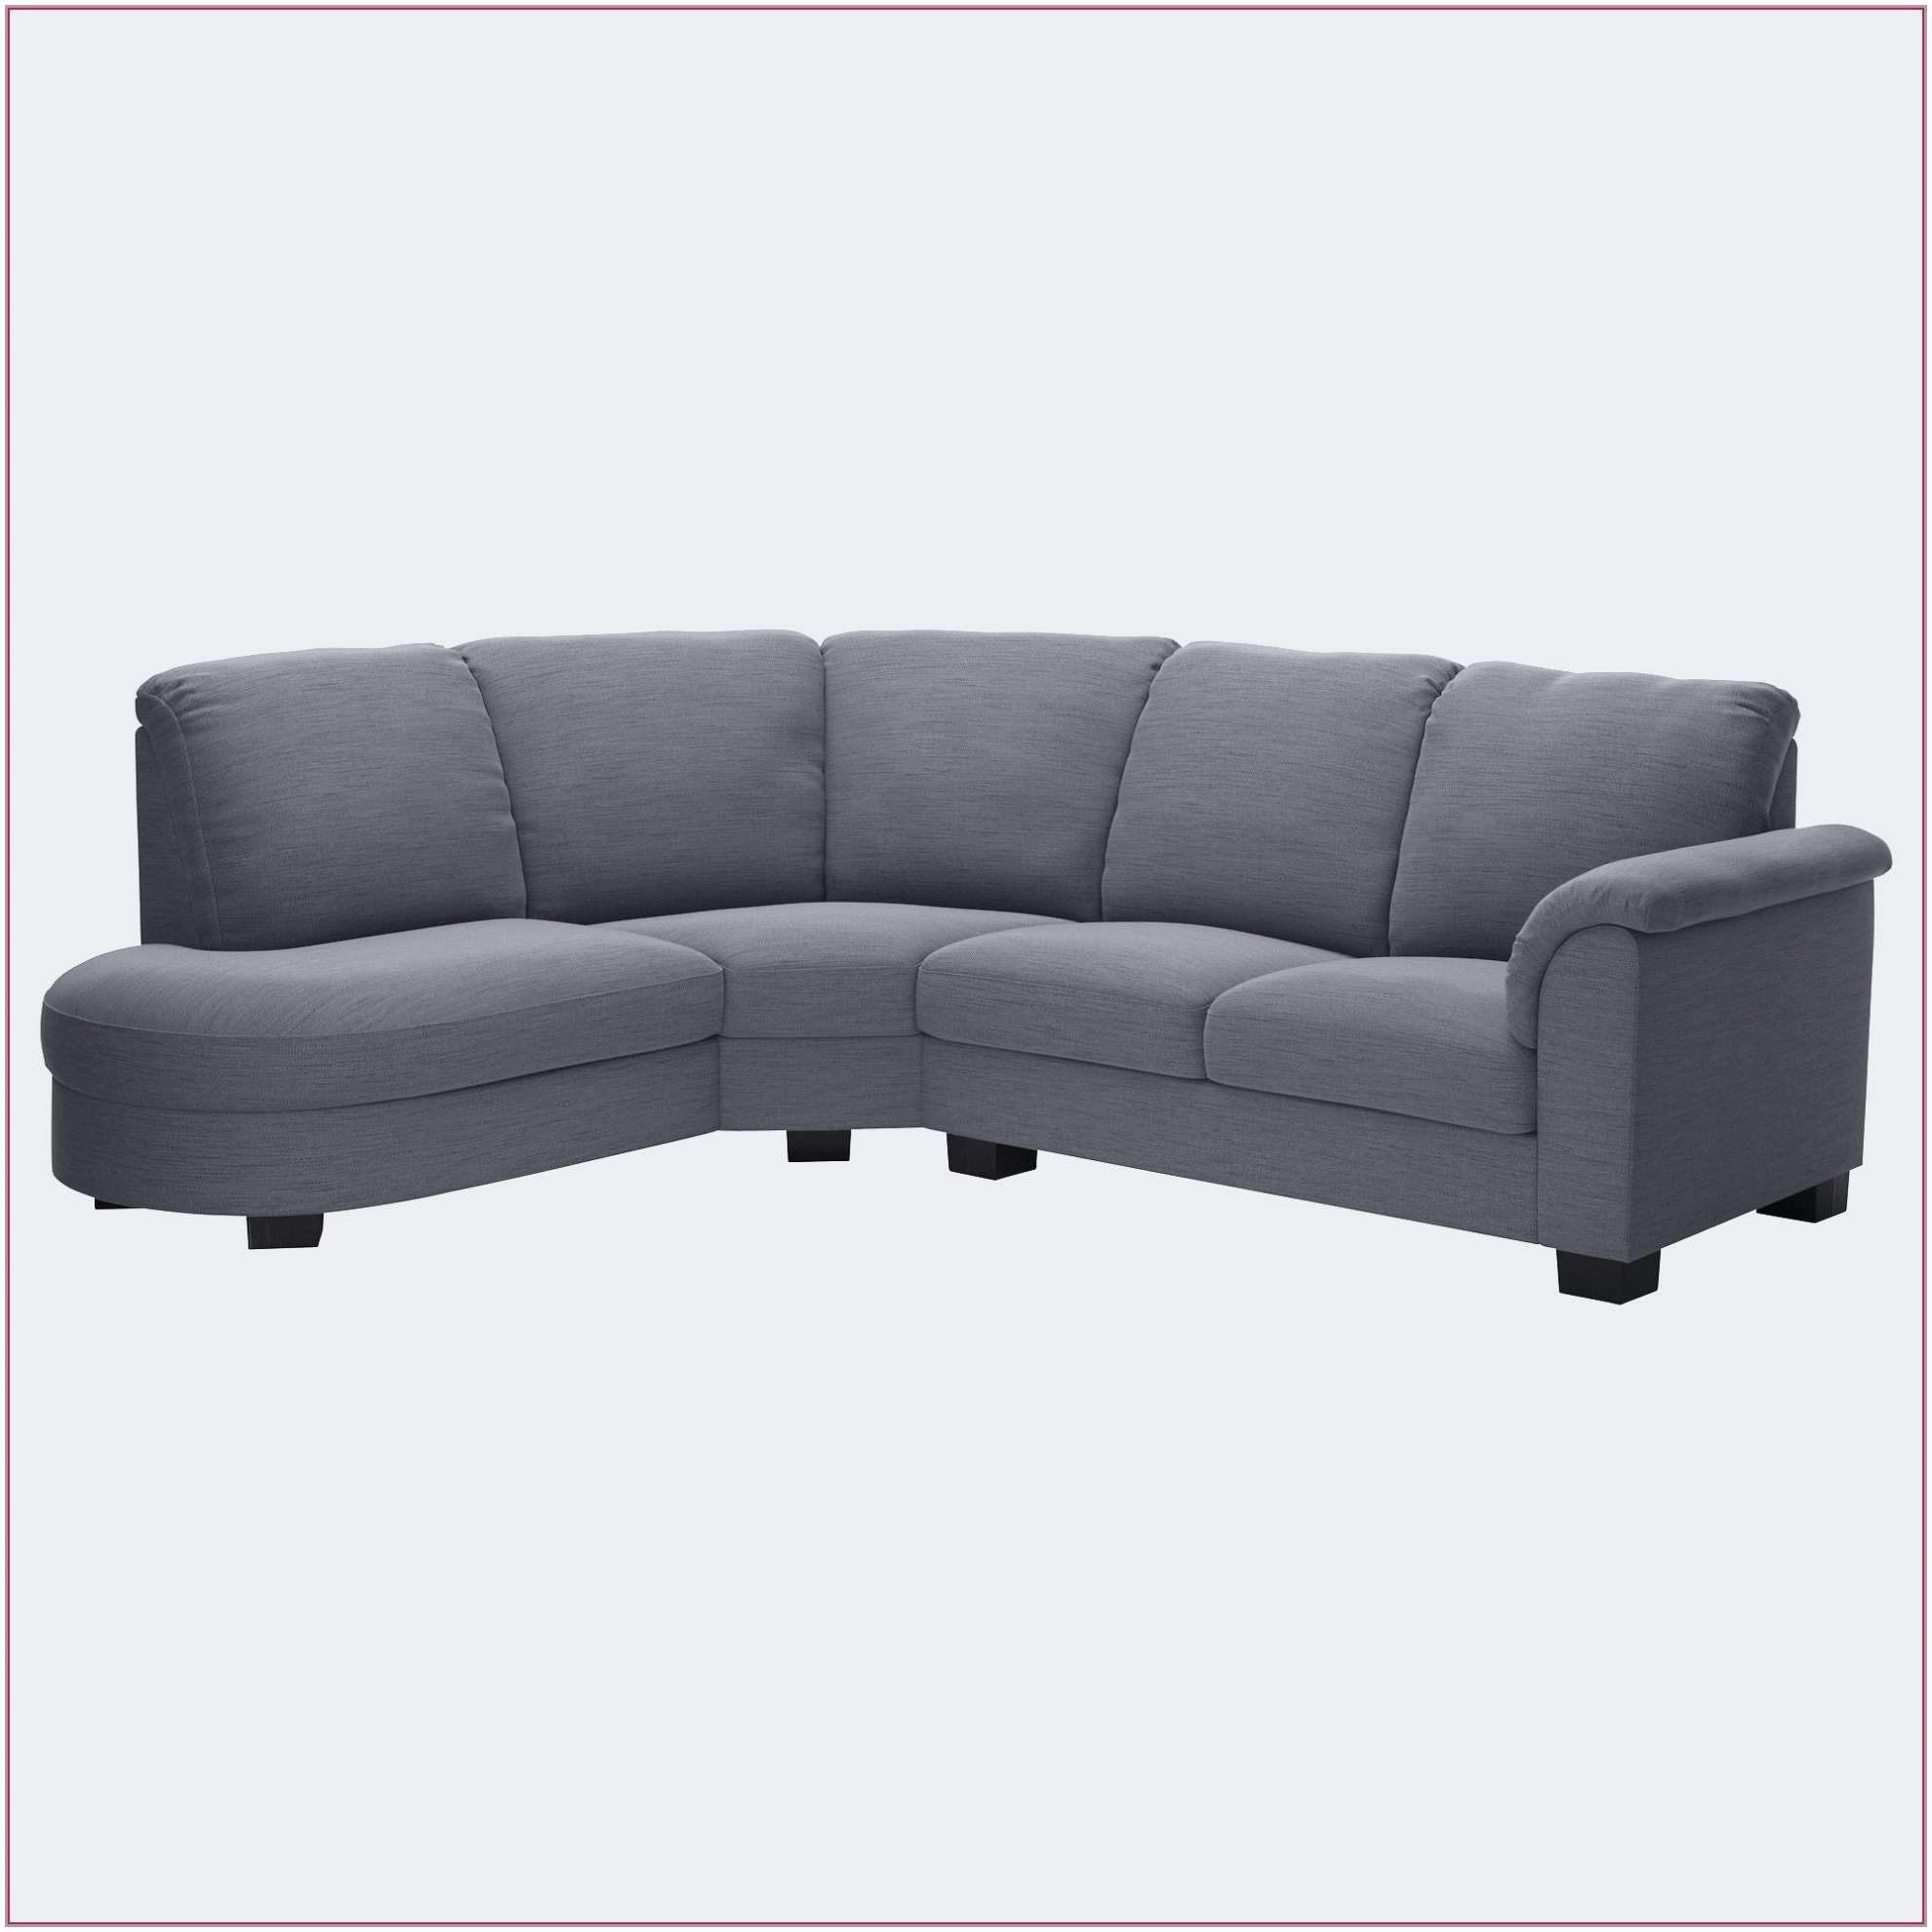 Canapé Convertible Vrai Lit Nouveau Elégant Canapé Convertible Vrai Lit Canapé Lit – Bethdavidfo Pour